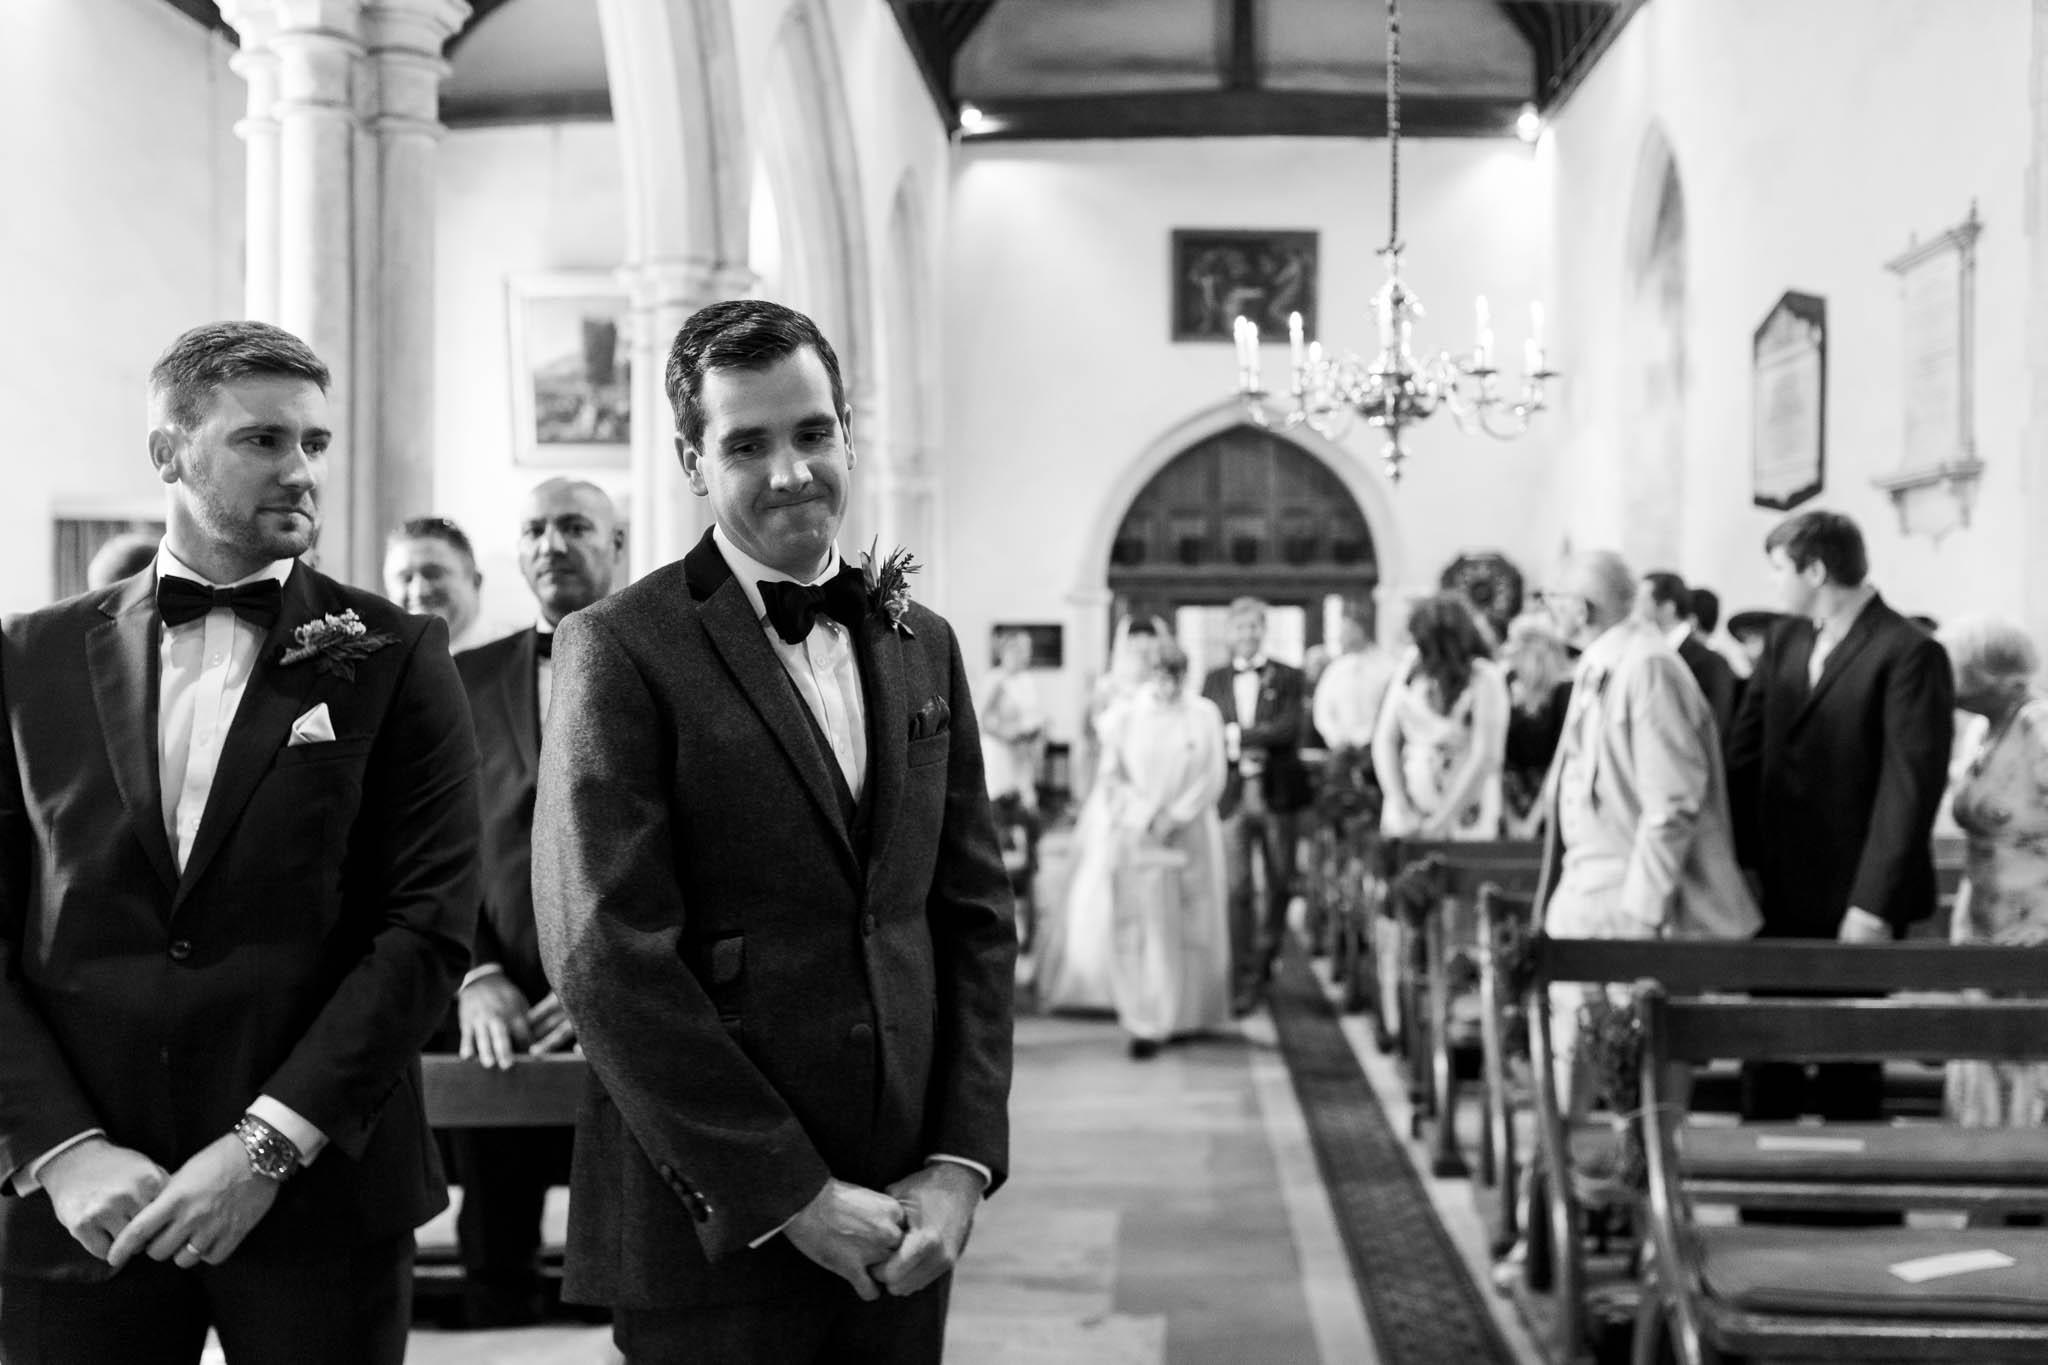 groom waiting as bride walks down aisle